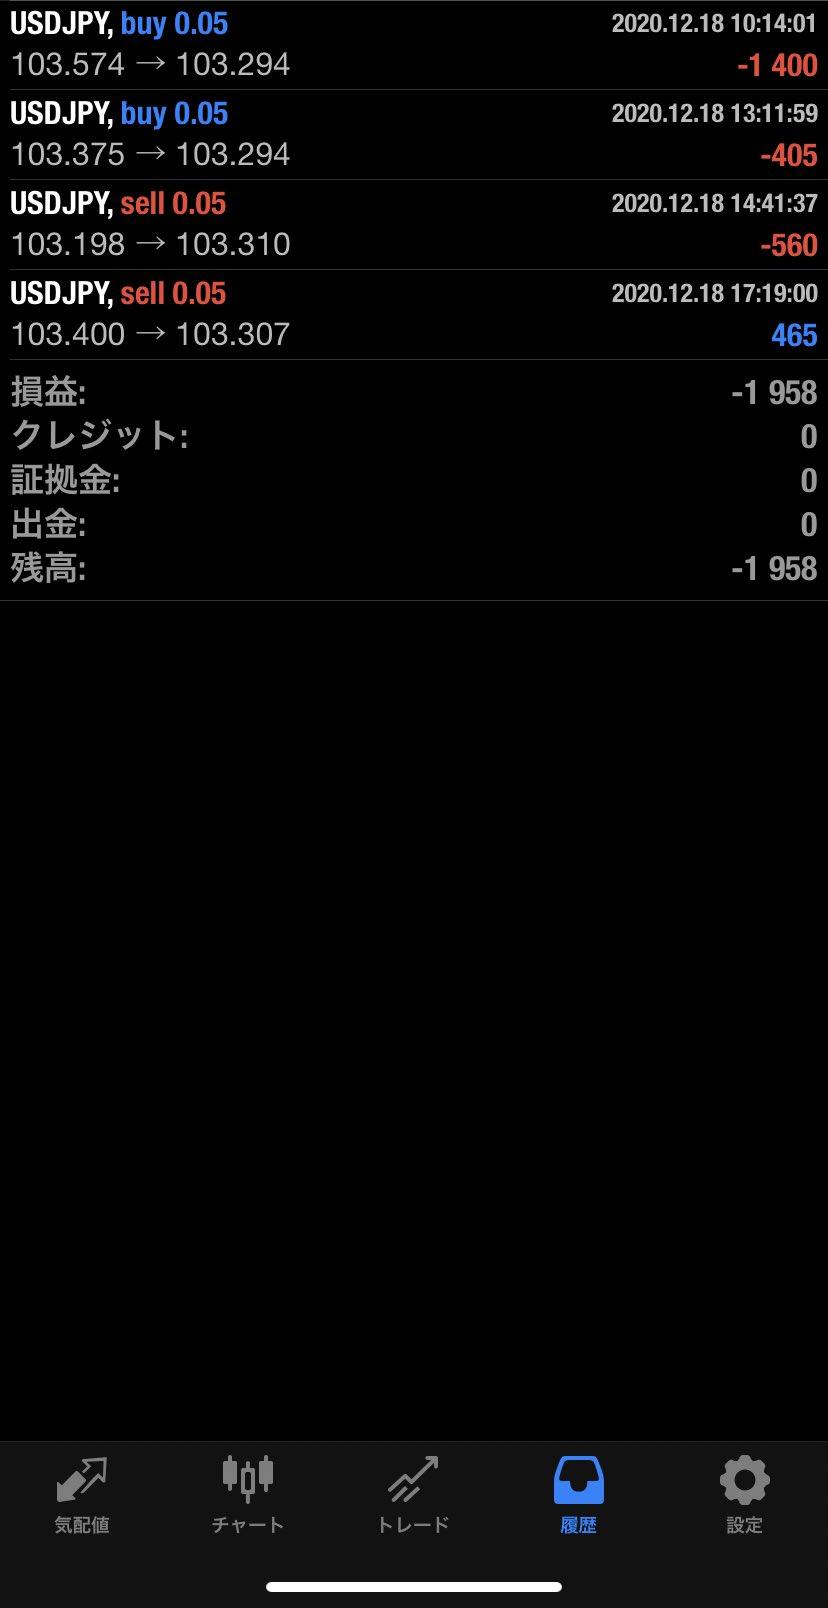 2020年12月21日 USD/JPYバージョン-1,958円